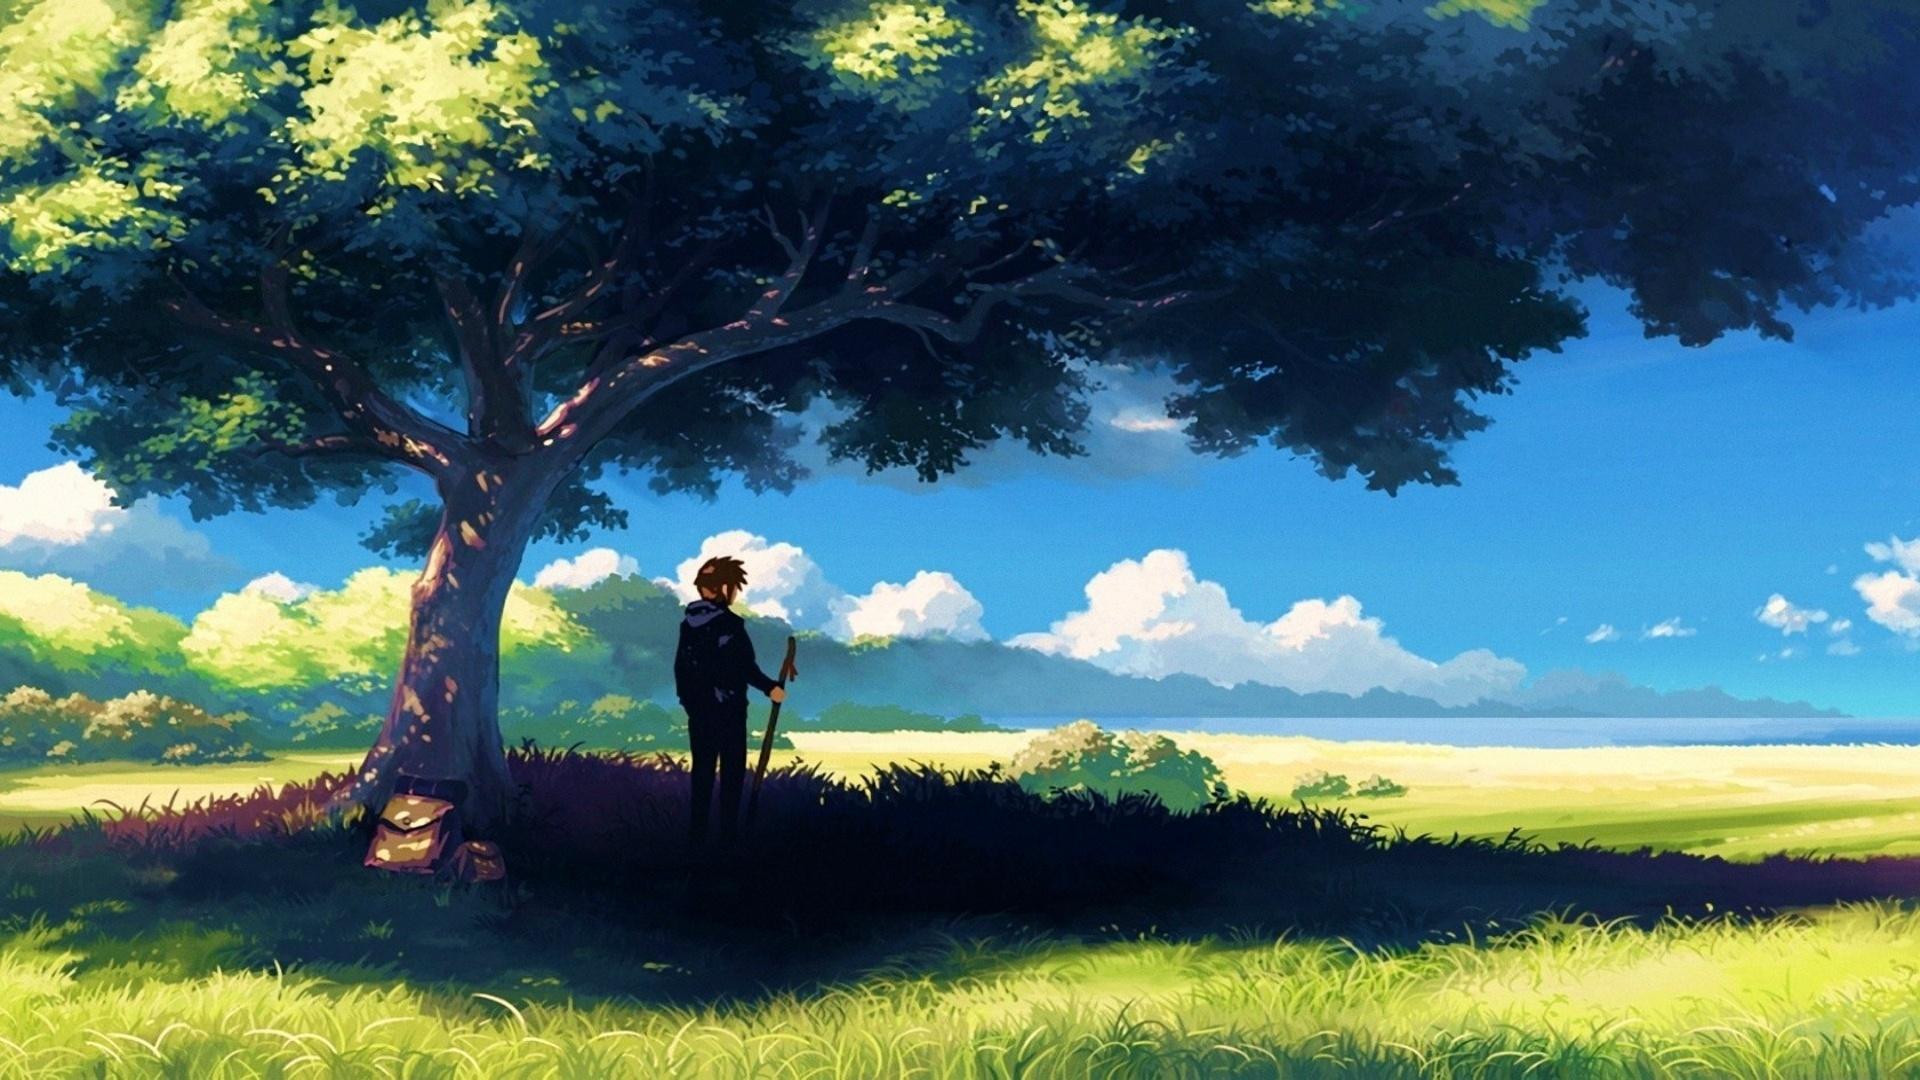 アニメ風景 アニメ自然の壁紙 1366x768 Wallpapertip